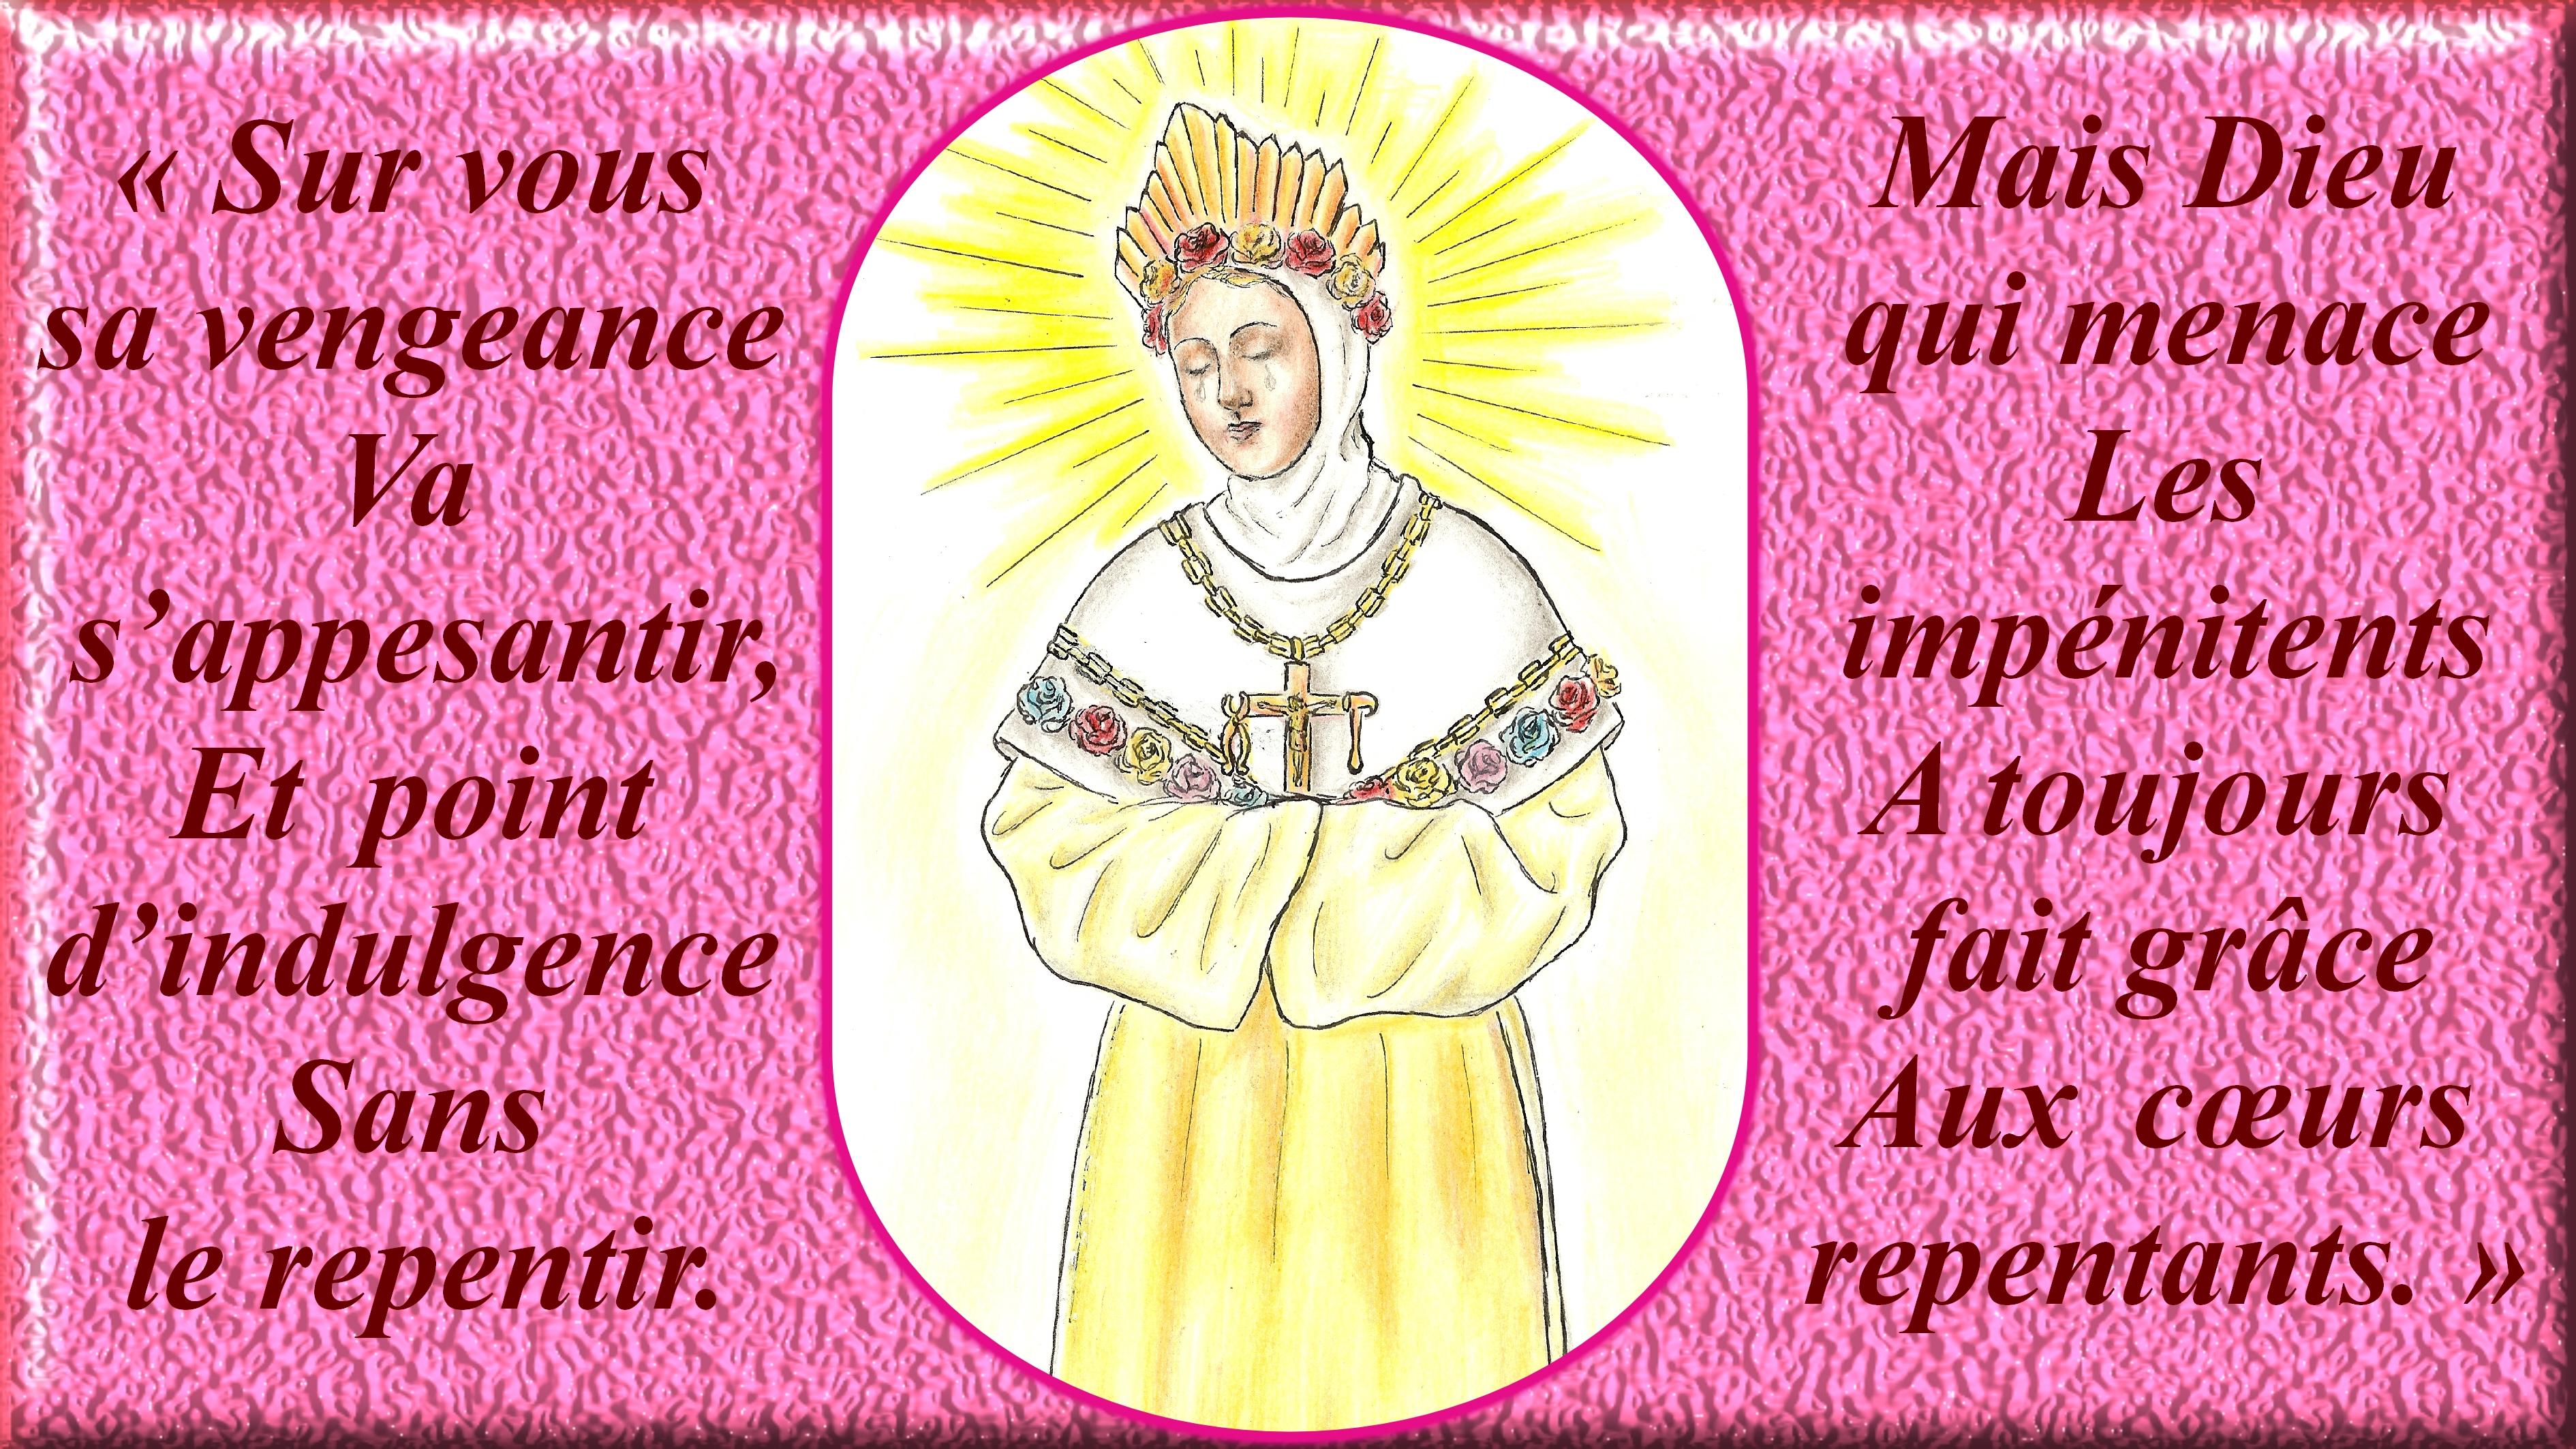 CANTIQUE de l'APPARITION de LA SALETTE Notre-dame-de-la-...-d-tail--5693aae